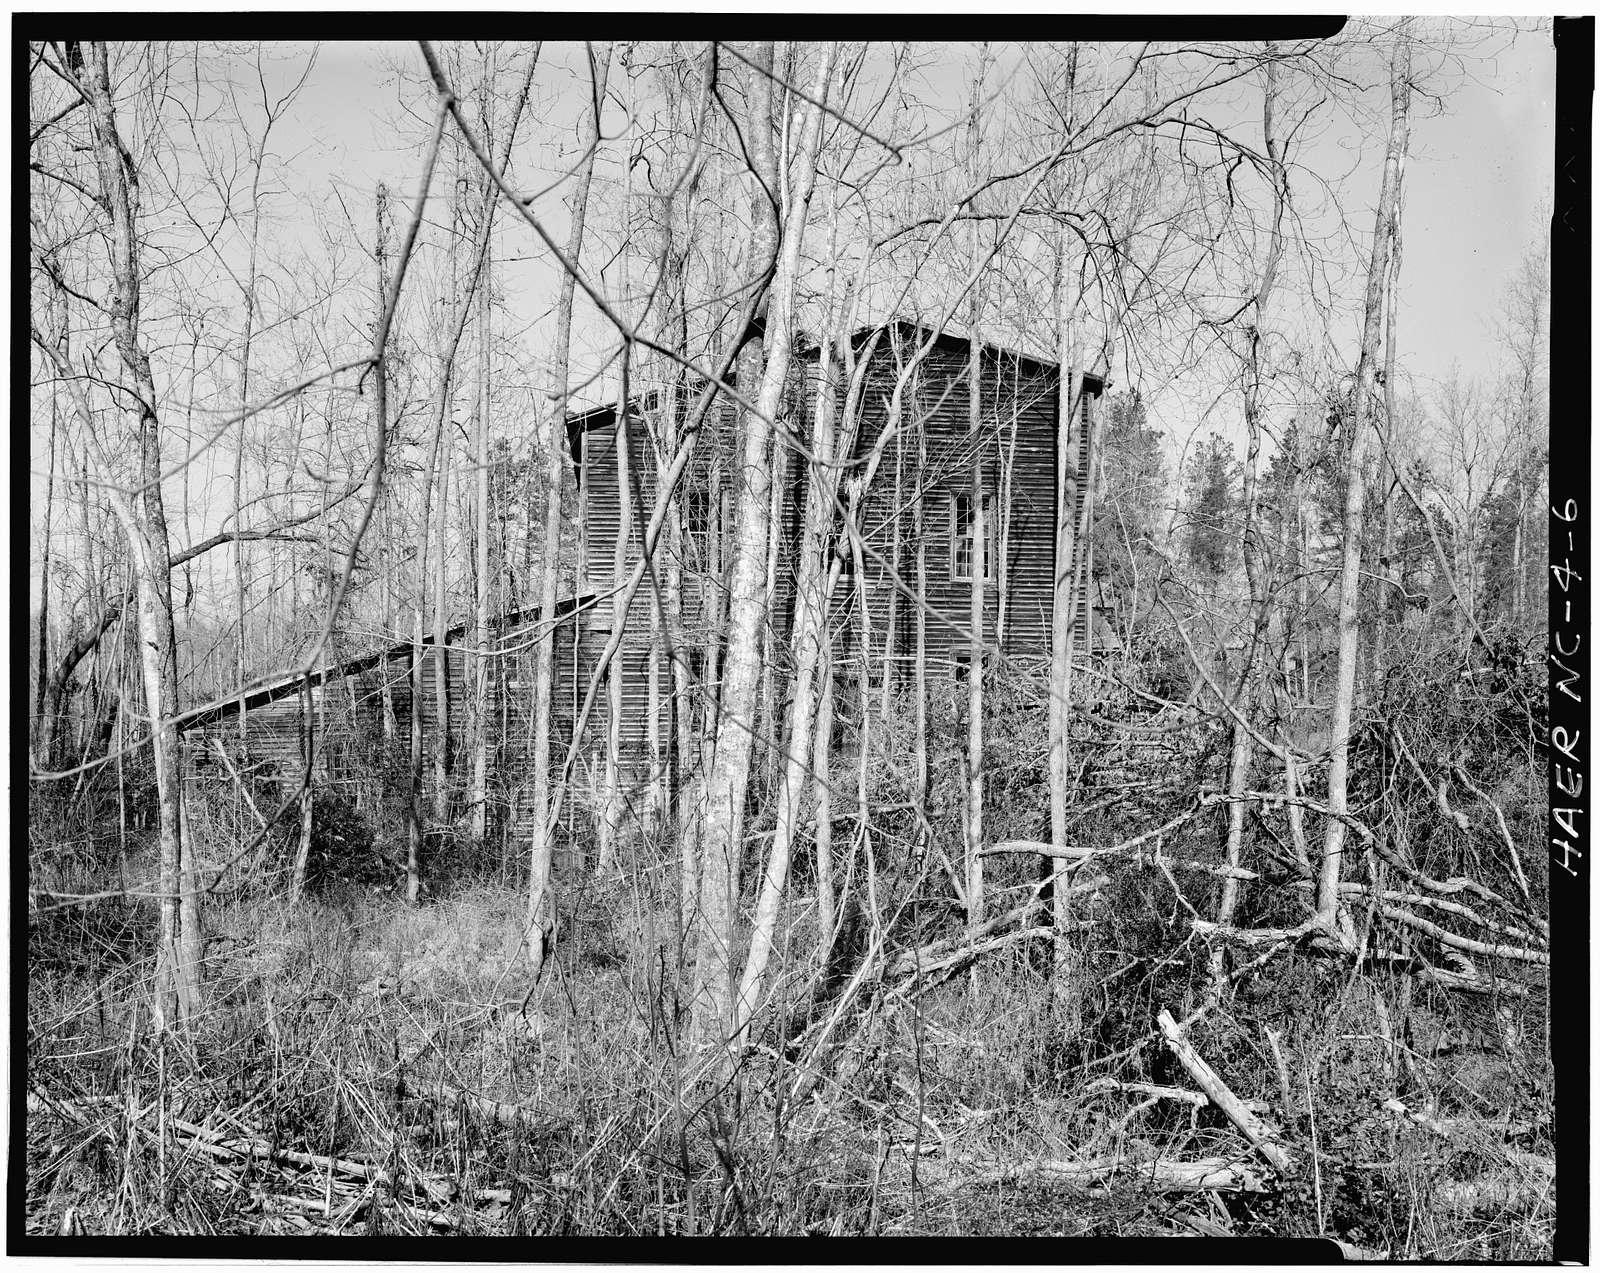 Coggins Gold Mine, Rich-Cog Mining Company, Eldorado, Montgomery County, NC